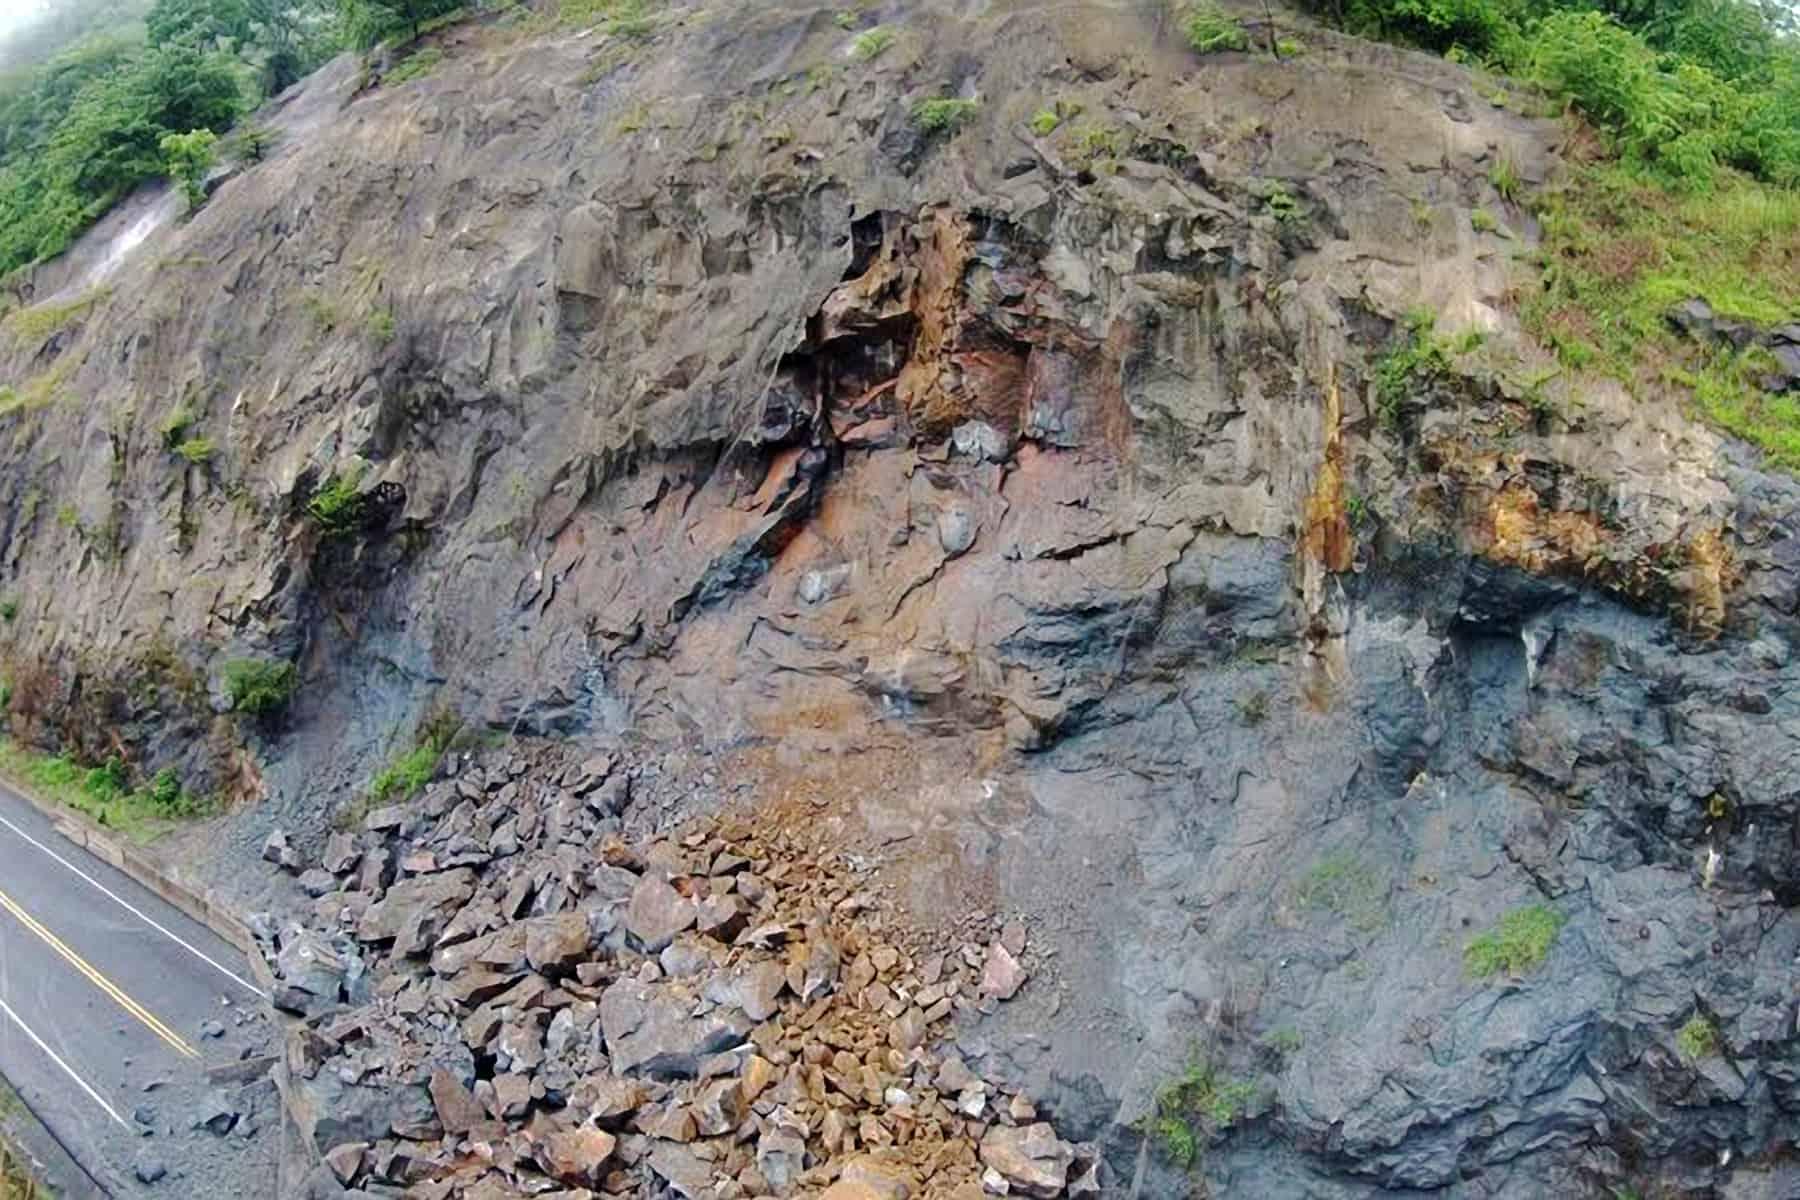 Landslides on Route 27, June 3 2015